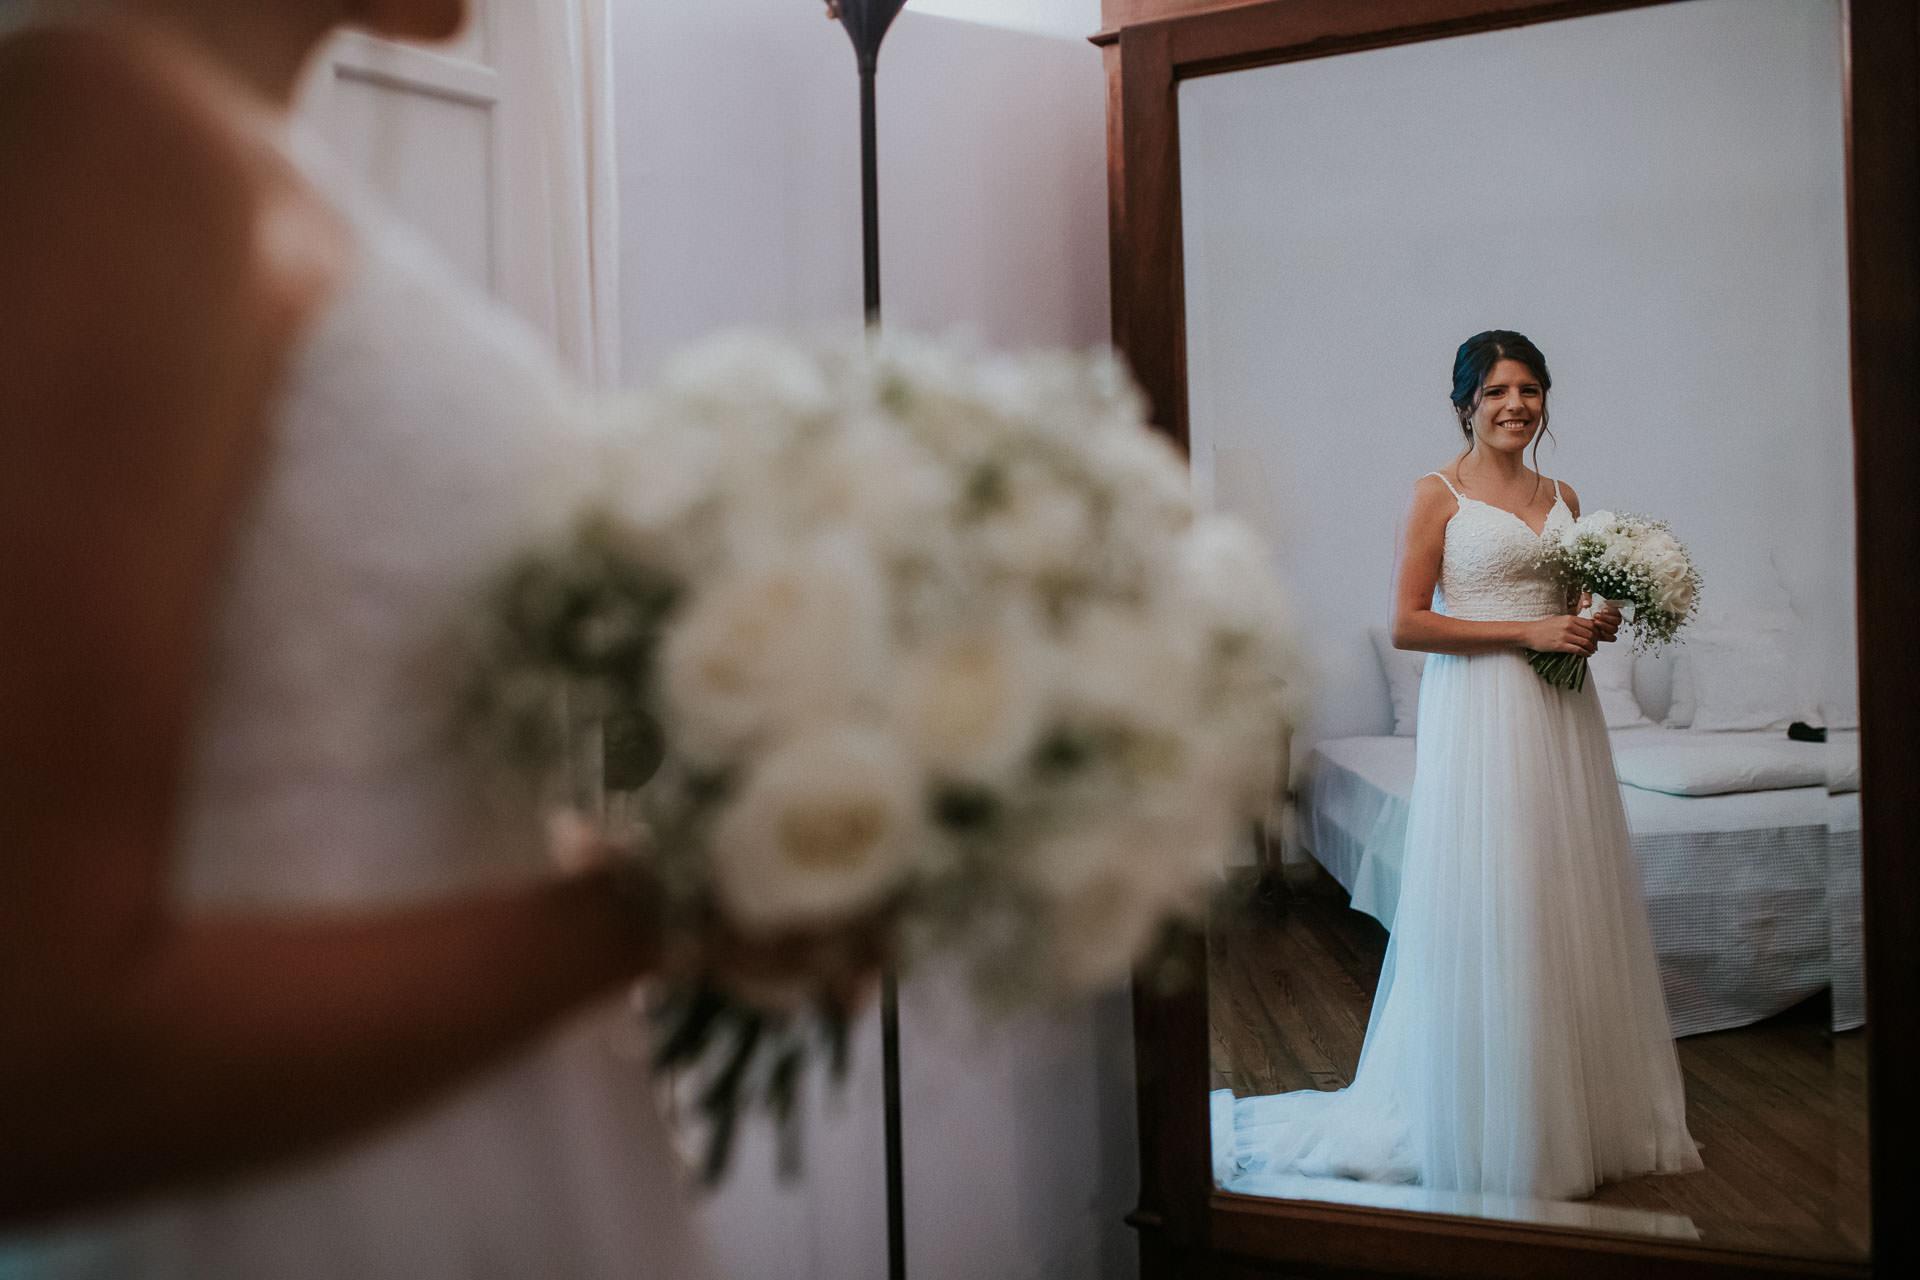 getting ready -Boda en Estancia La Linda, fotógrafo de bodas - Norman Parunov